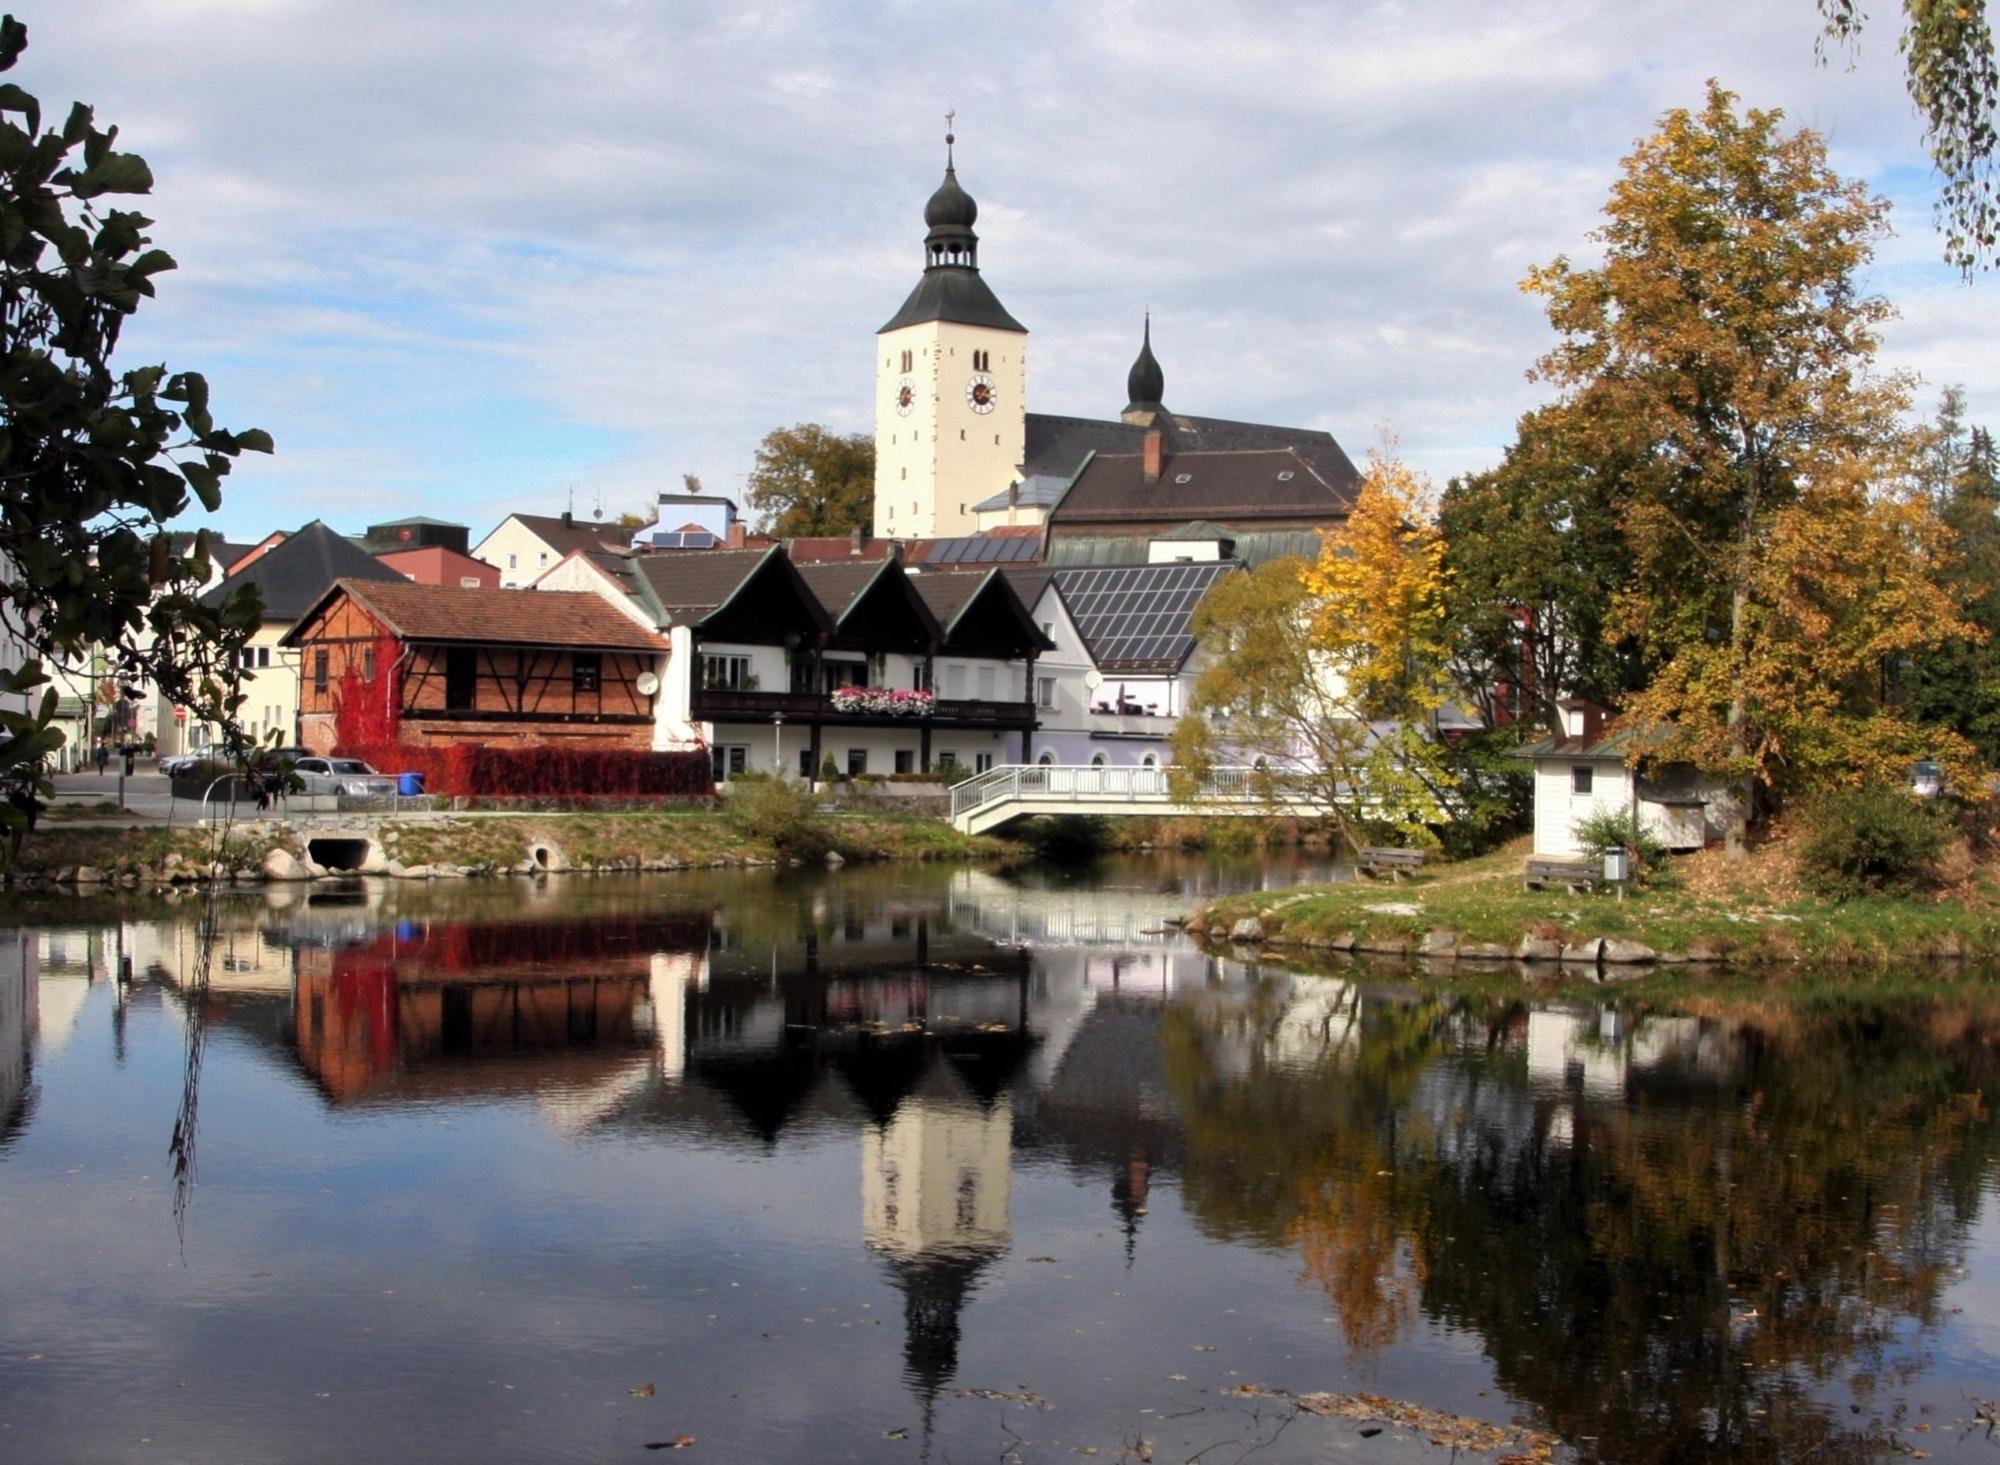 Pfarrkirche Regen